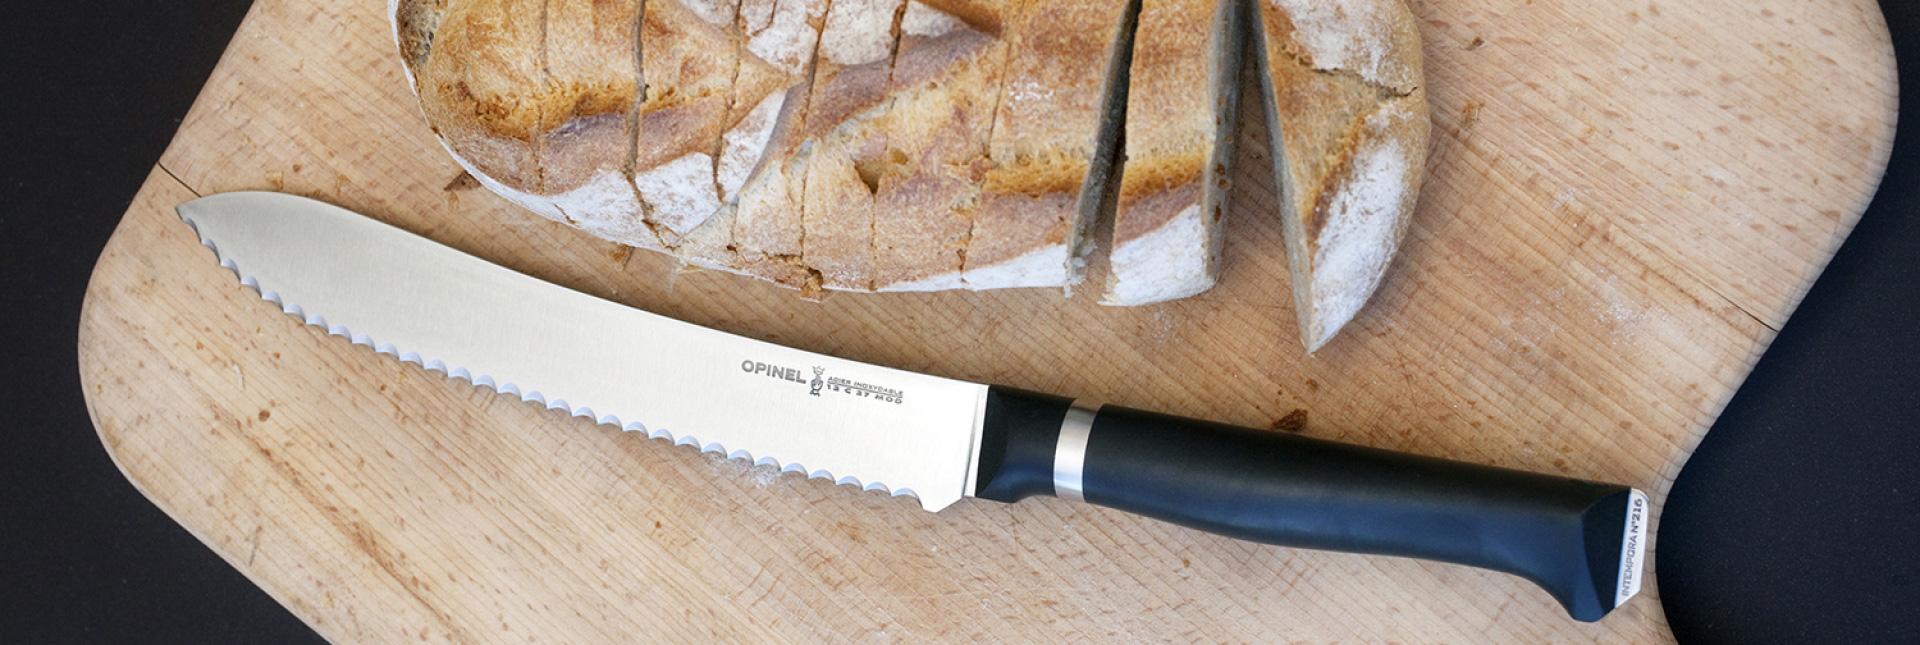 Die Produktpalette umfasst heute auch eine ganze Reihe an Küchenmessern, wie das Brotmesser N°216| Foto: opinel.com